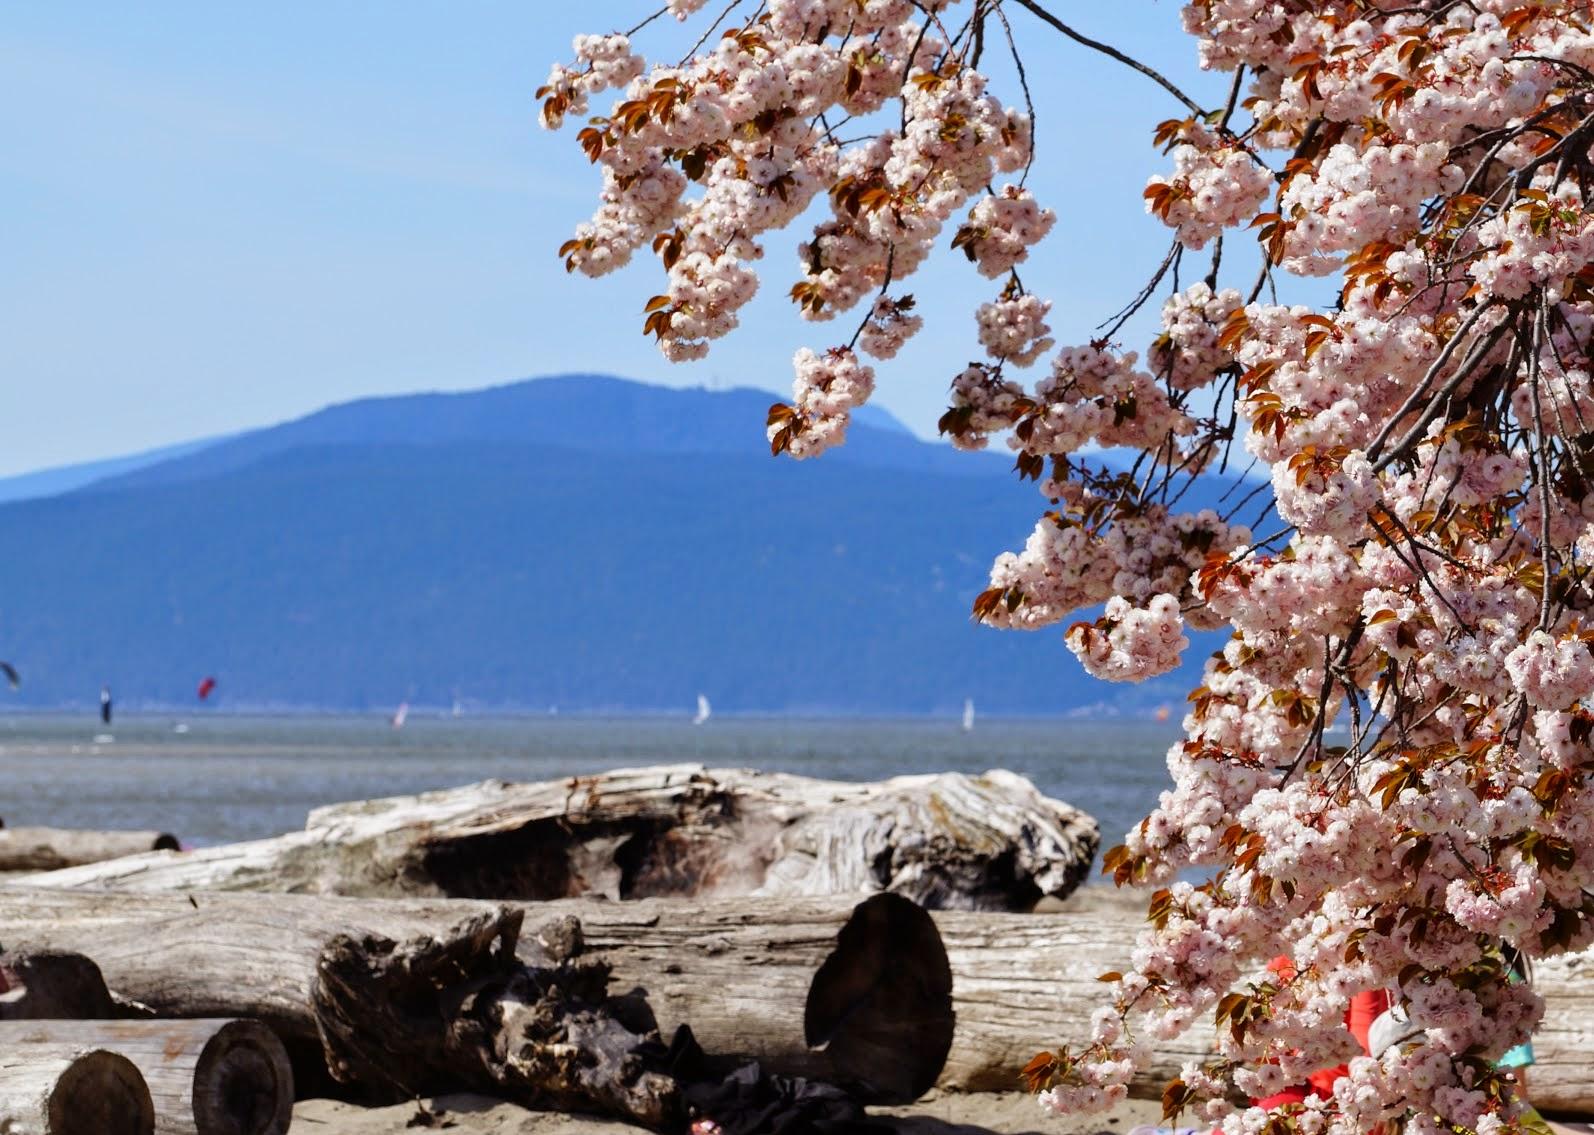 сакура на фоне океана и гор